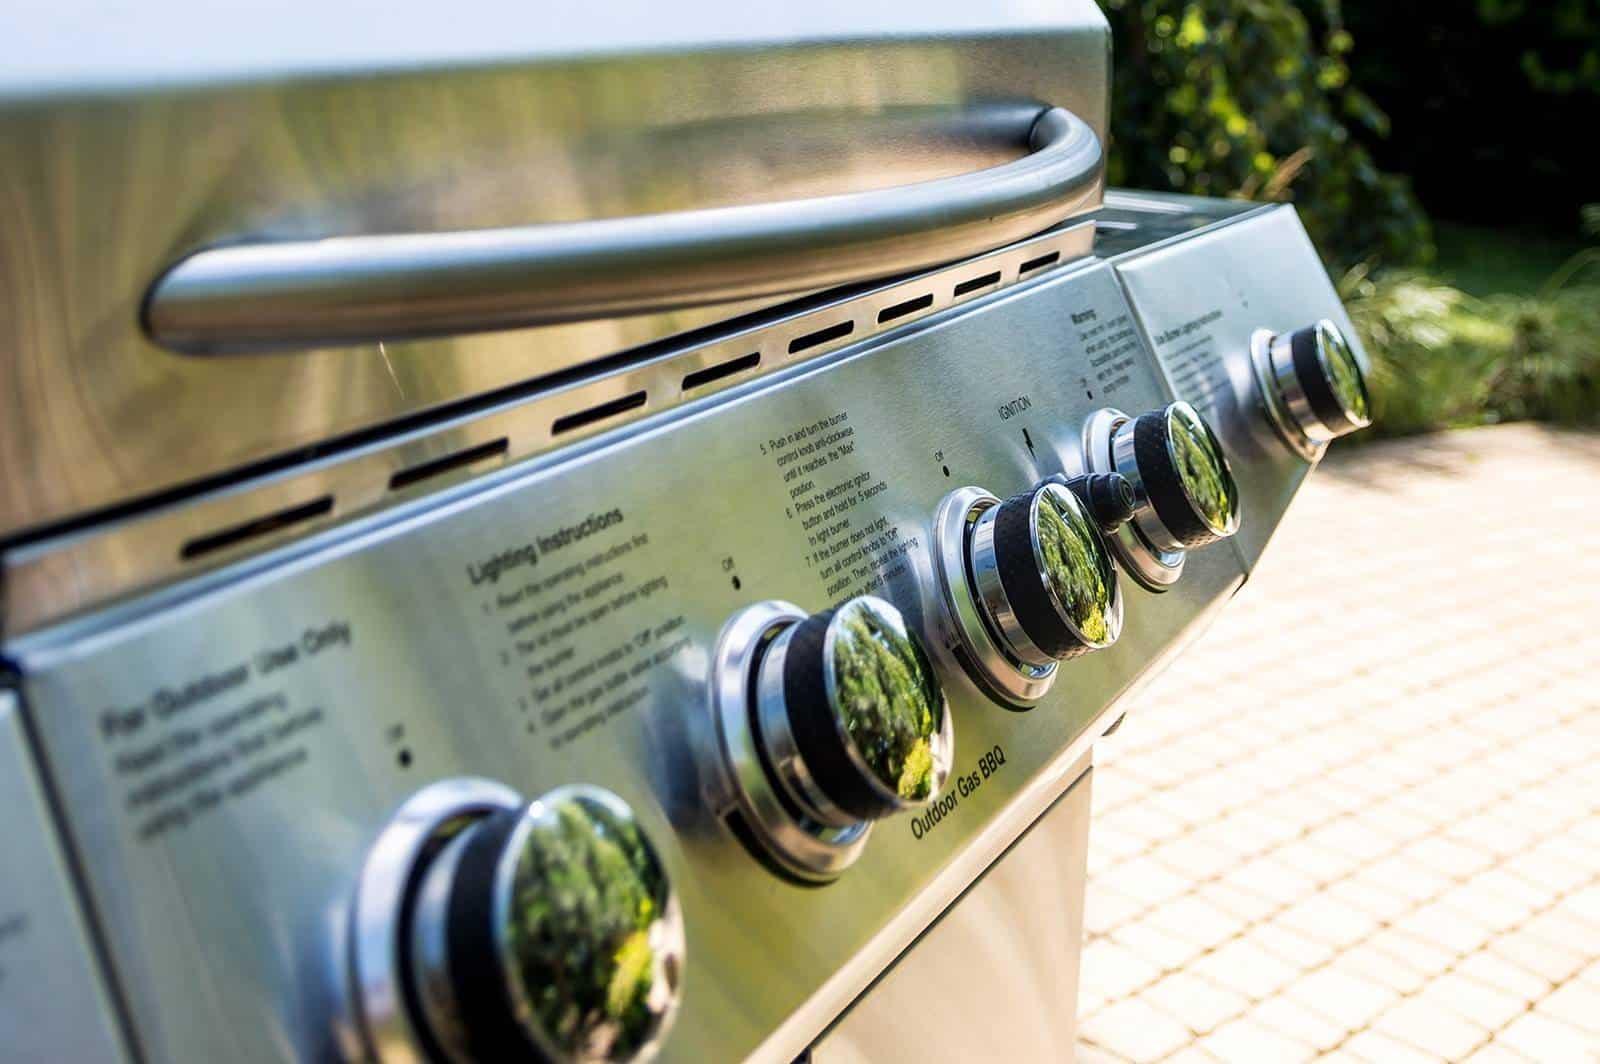 Grill ogrodowy gazowy CARINI 6-palnikowy